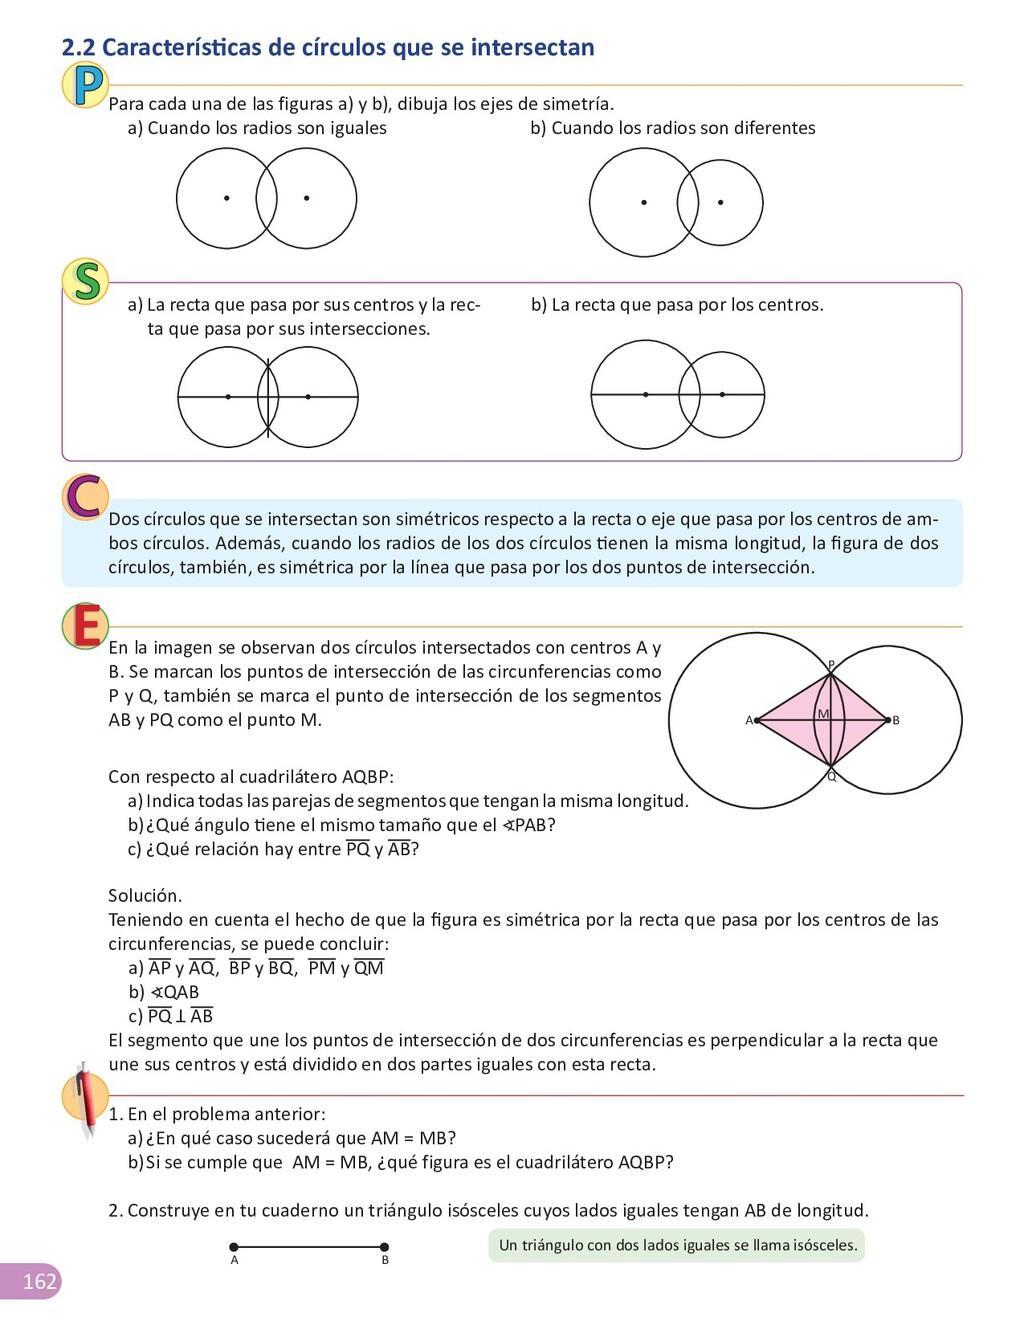 162 2.2 Características de círculos que se inte...